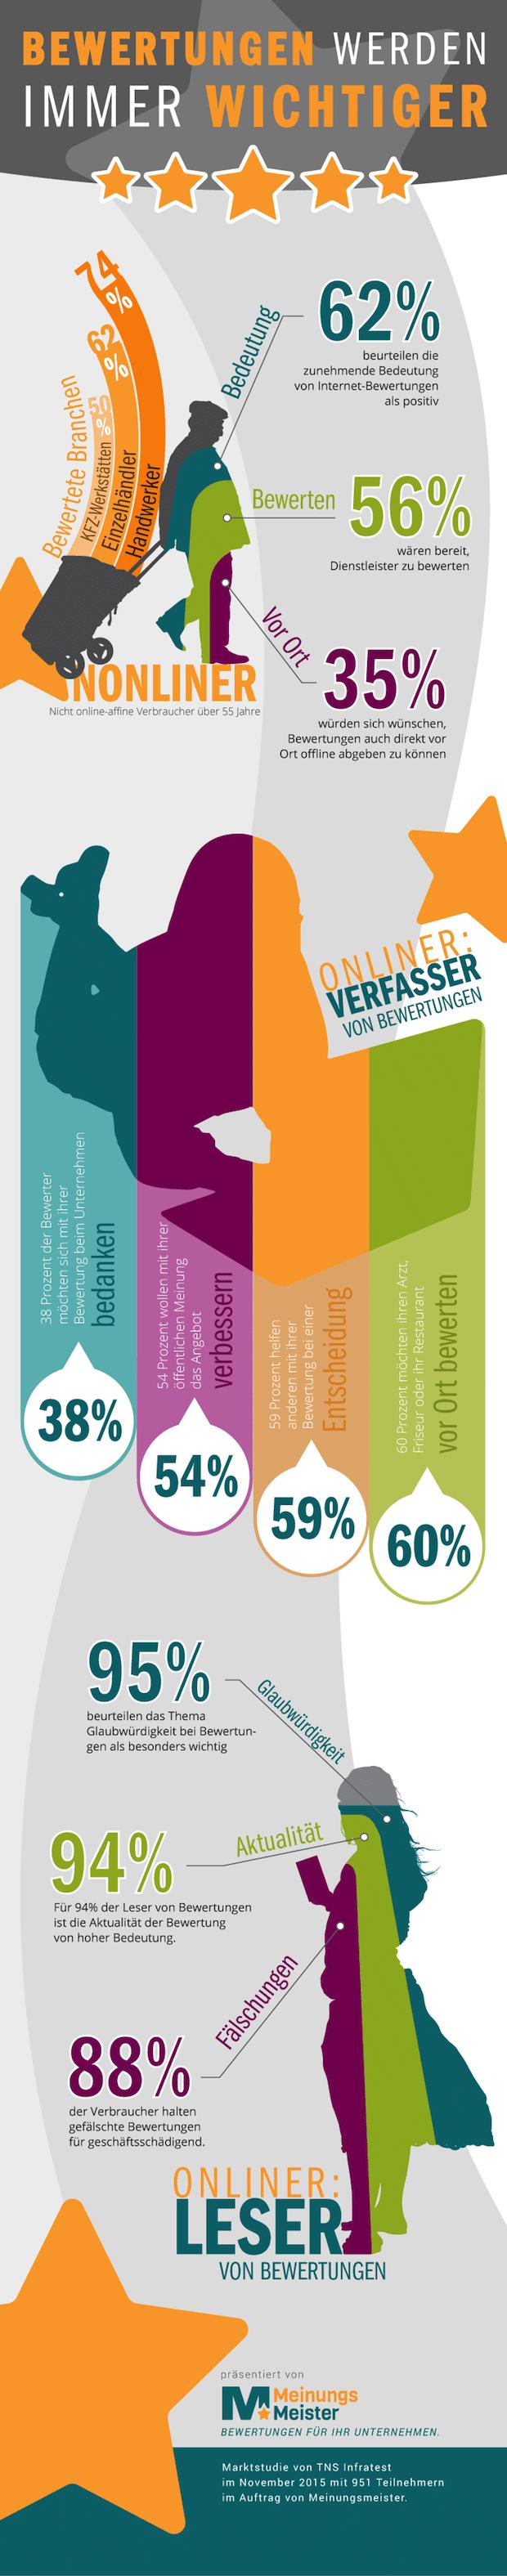 Photo of Verbraucher-Bewertungen gewinnen in allen Altersgruppen an Bedeutung